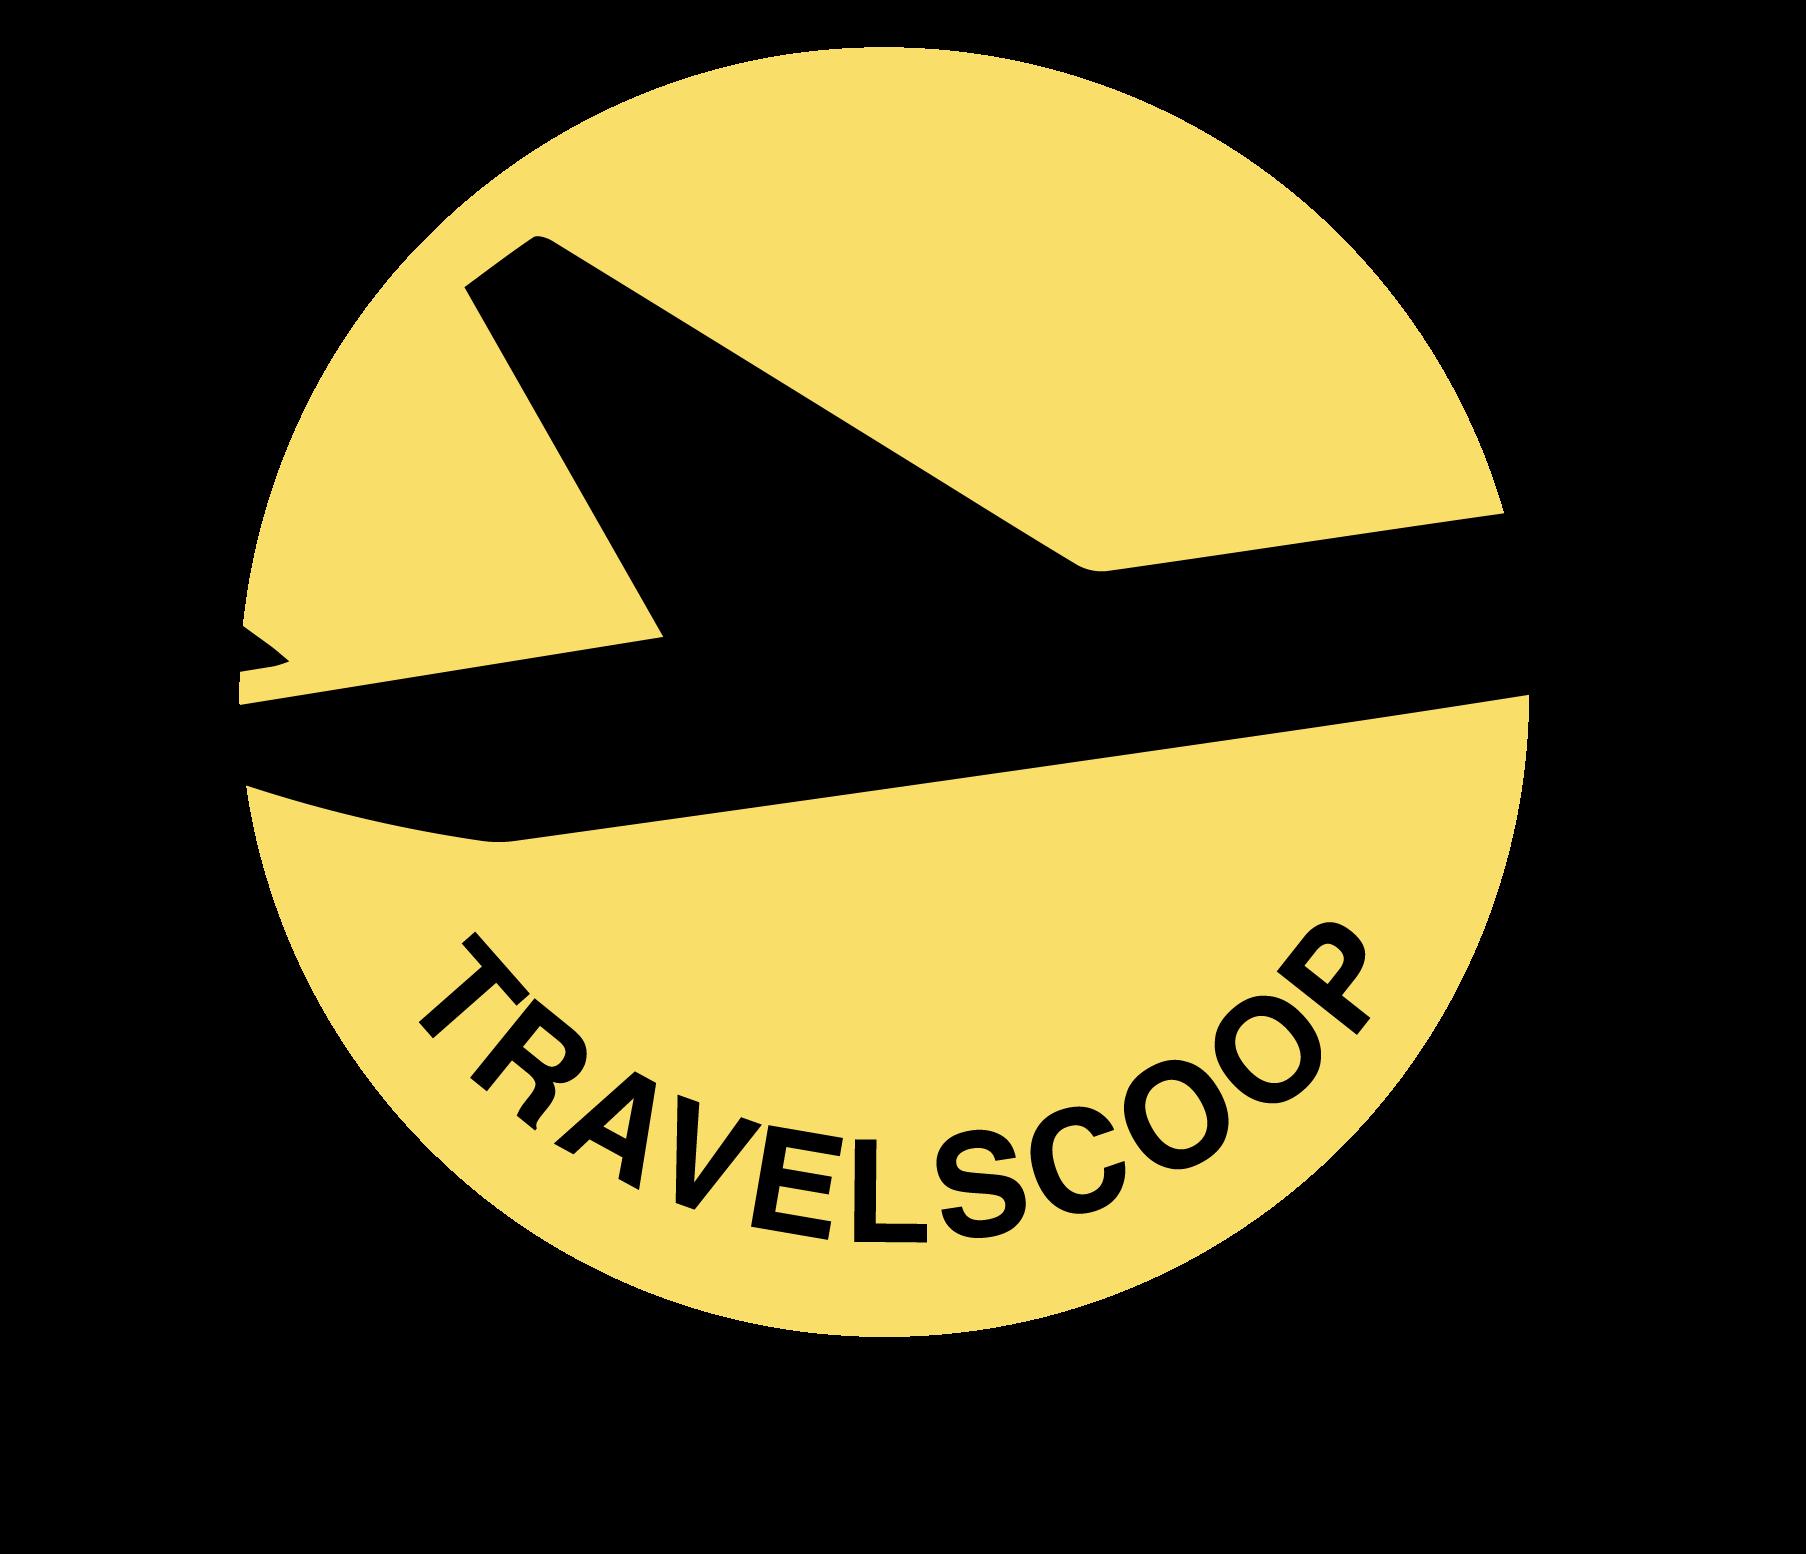 Travelscoop.dk